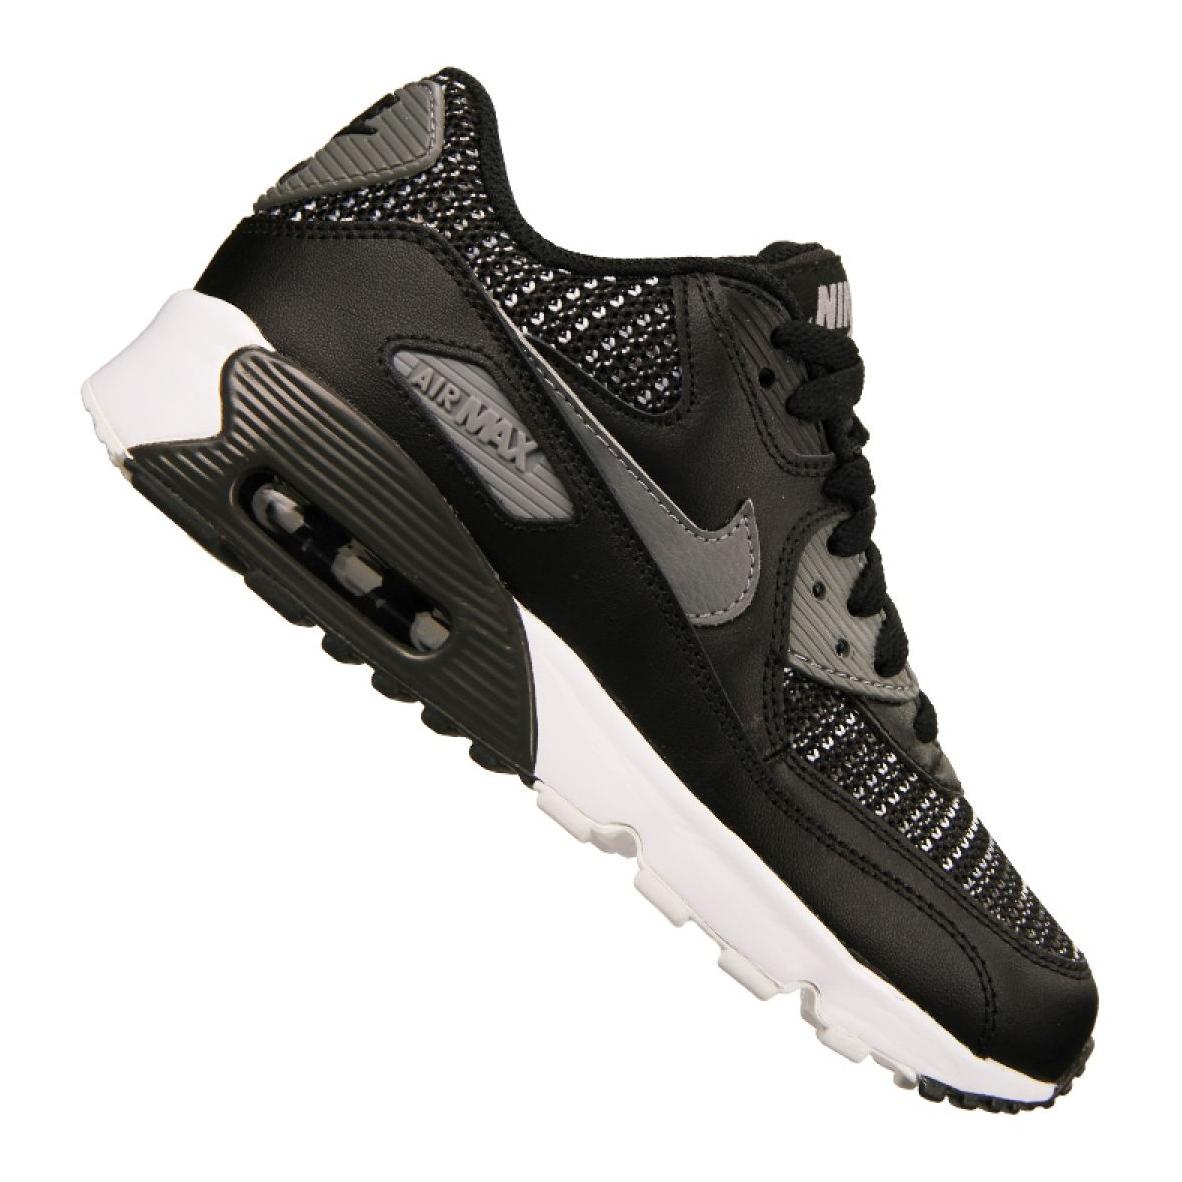 Nike Air Max 90 Premium SE, Scarpe Running Uomo, Multicolore